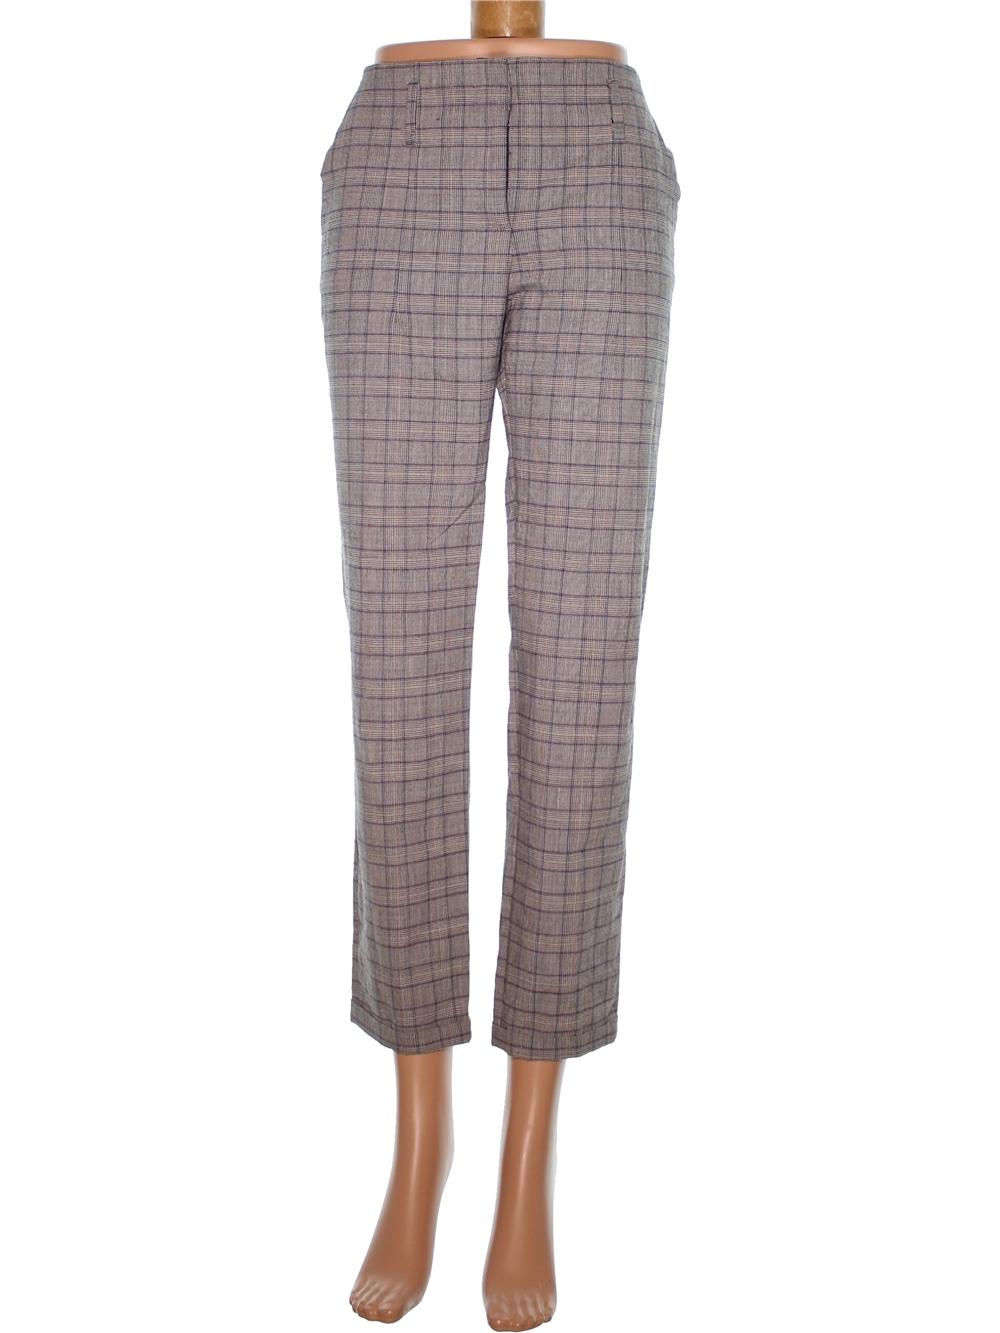 sortie de gros magasin images détaillées Pantalon Femme ZARA S pas cher, 5.20 € - #1171383